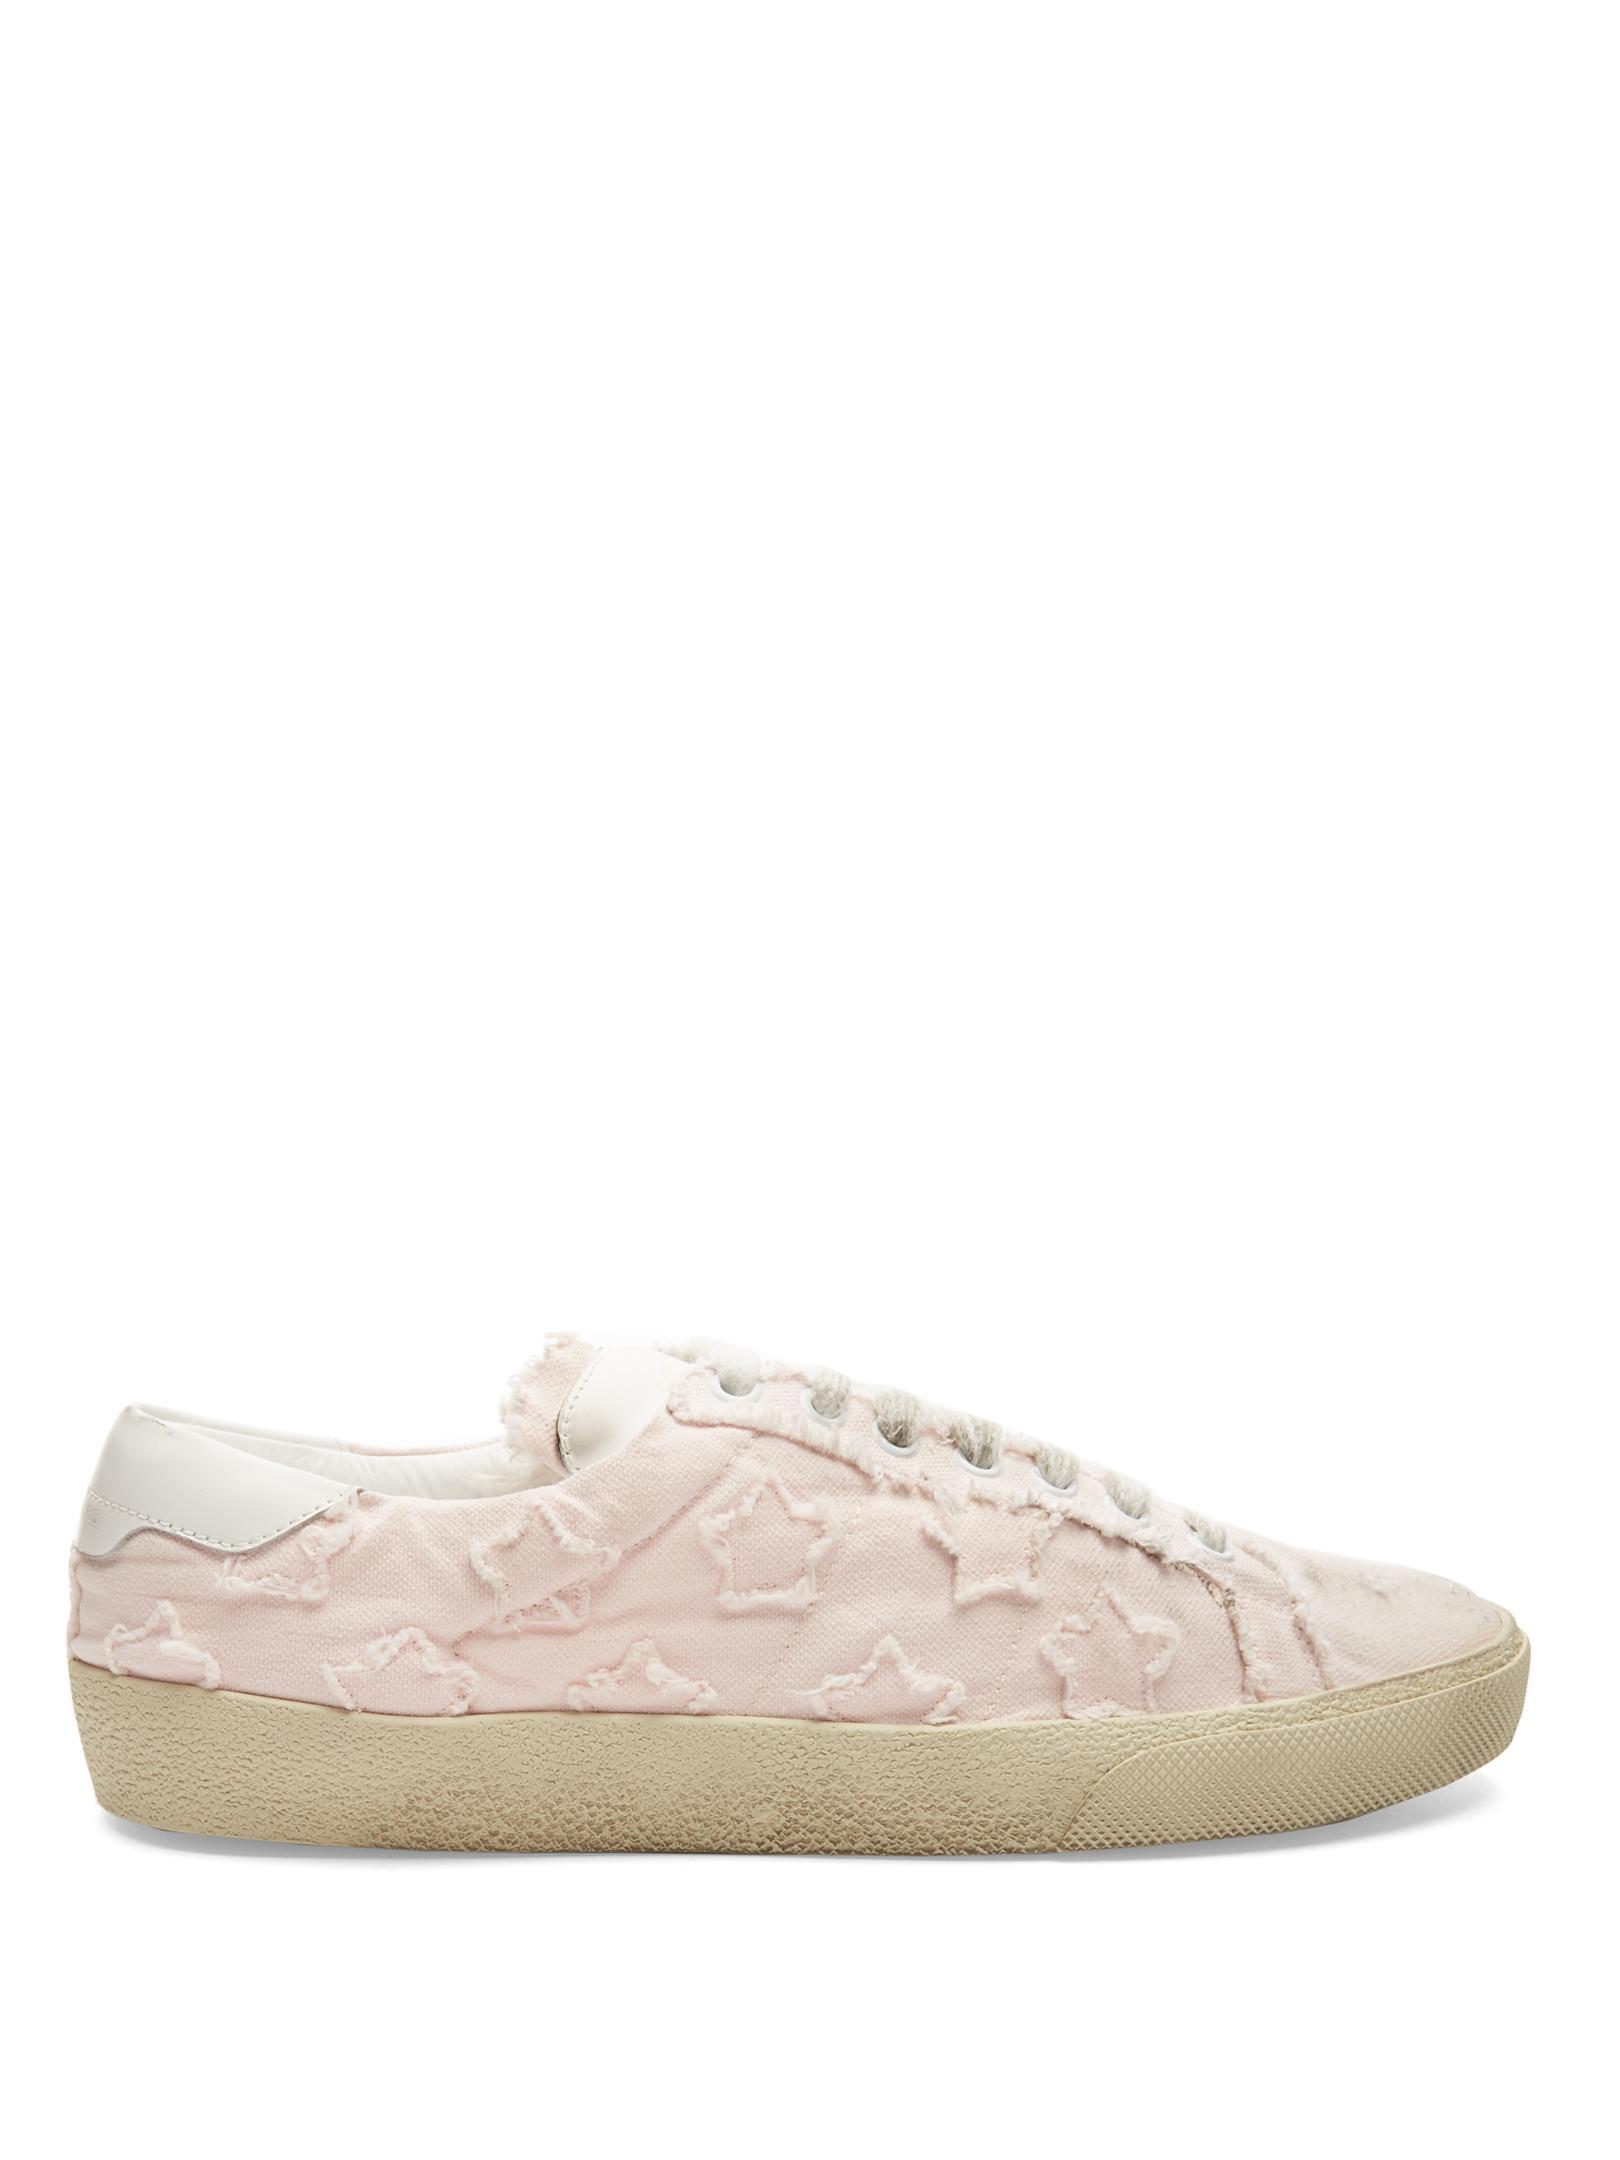 Cream Court Shoes Low Heel Australia